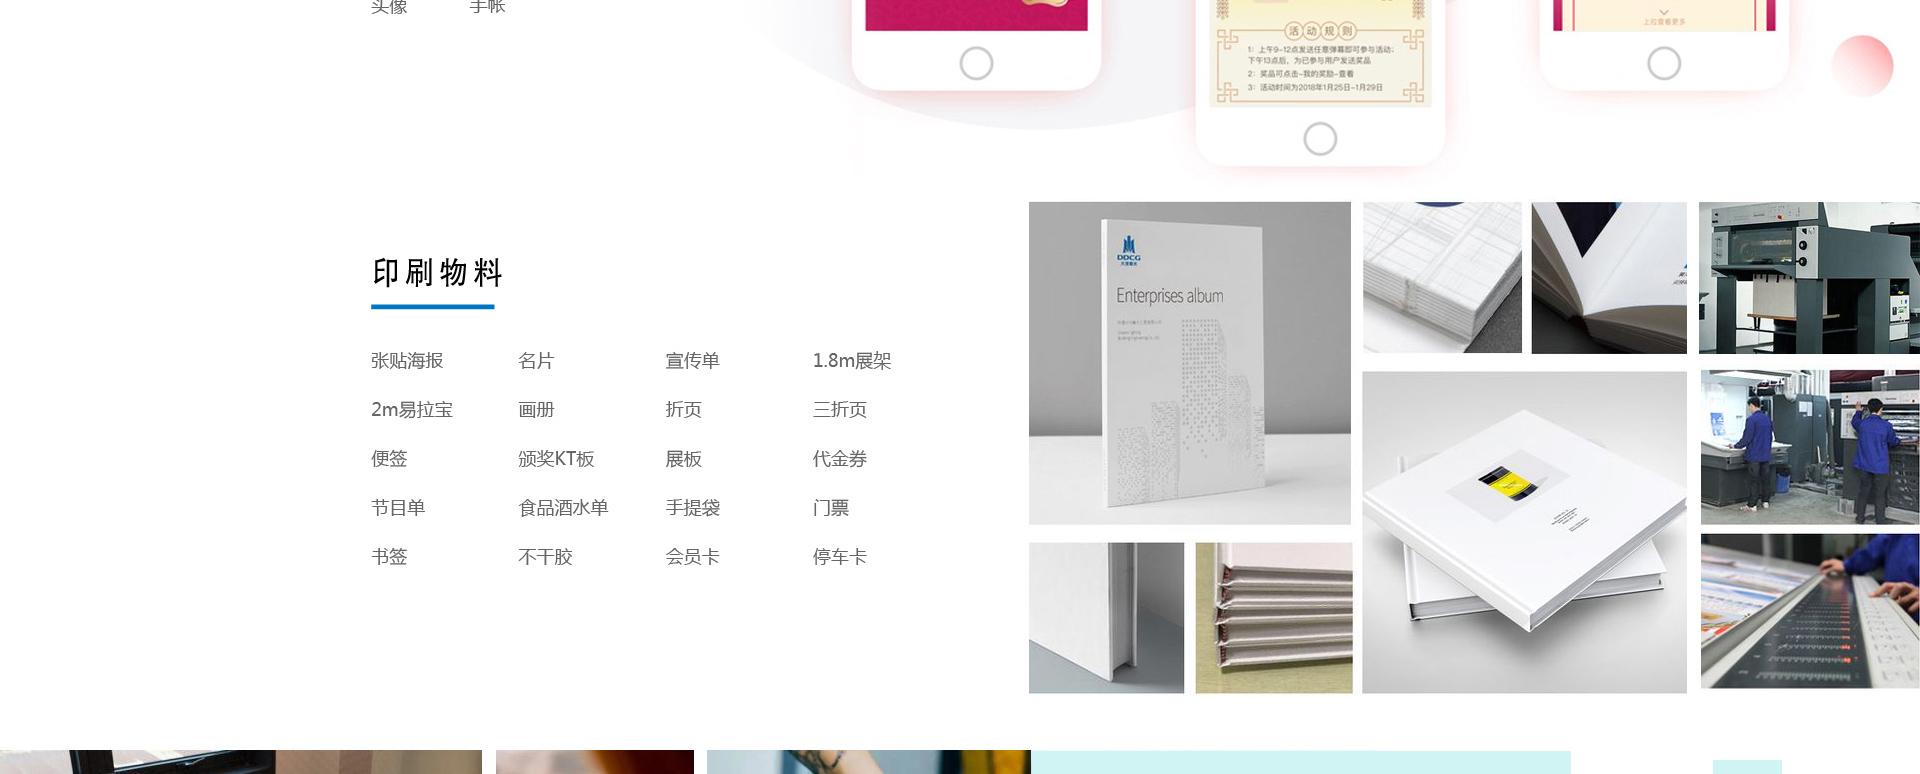 设计场景最终版_08.jpg